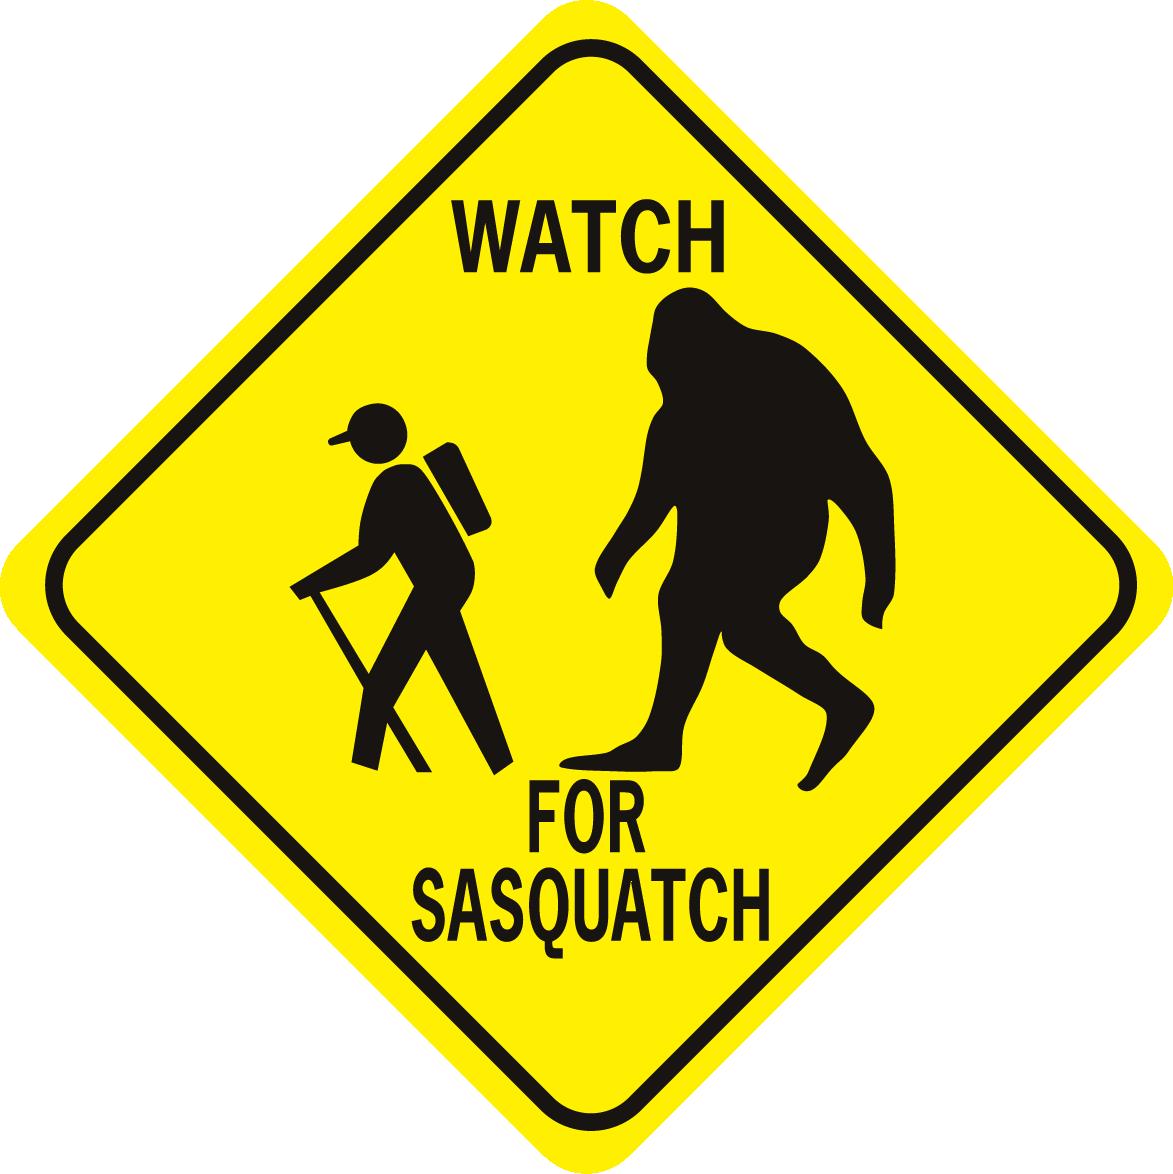 Sasquatch Watch For Sasquatch Diamond